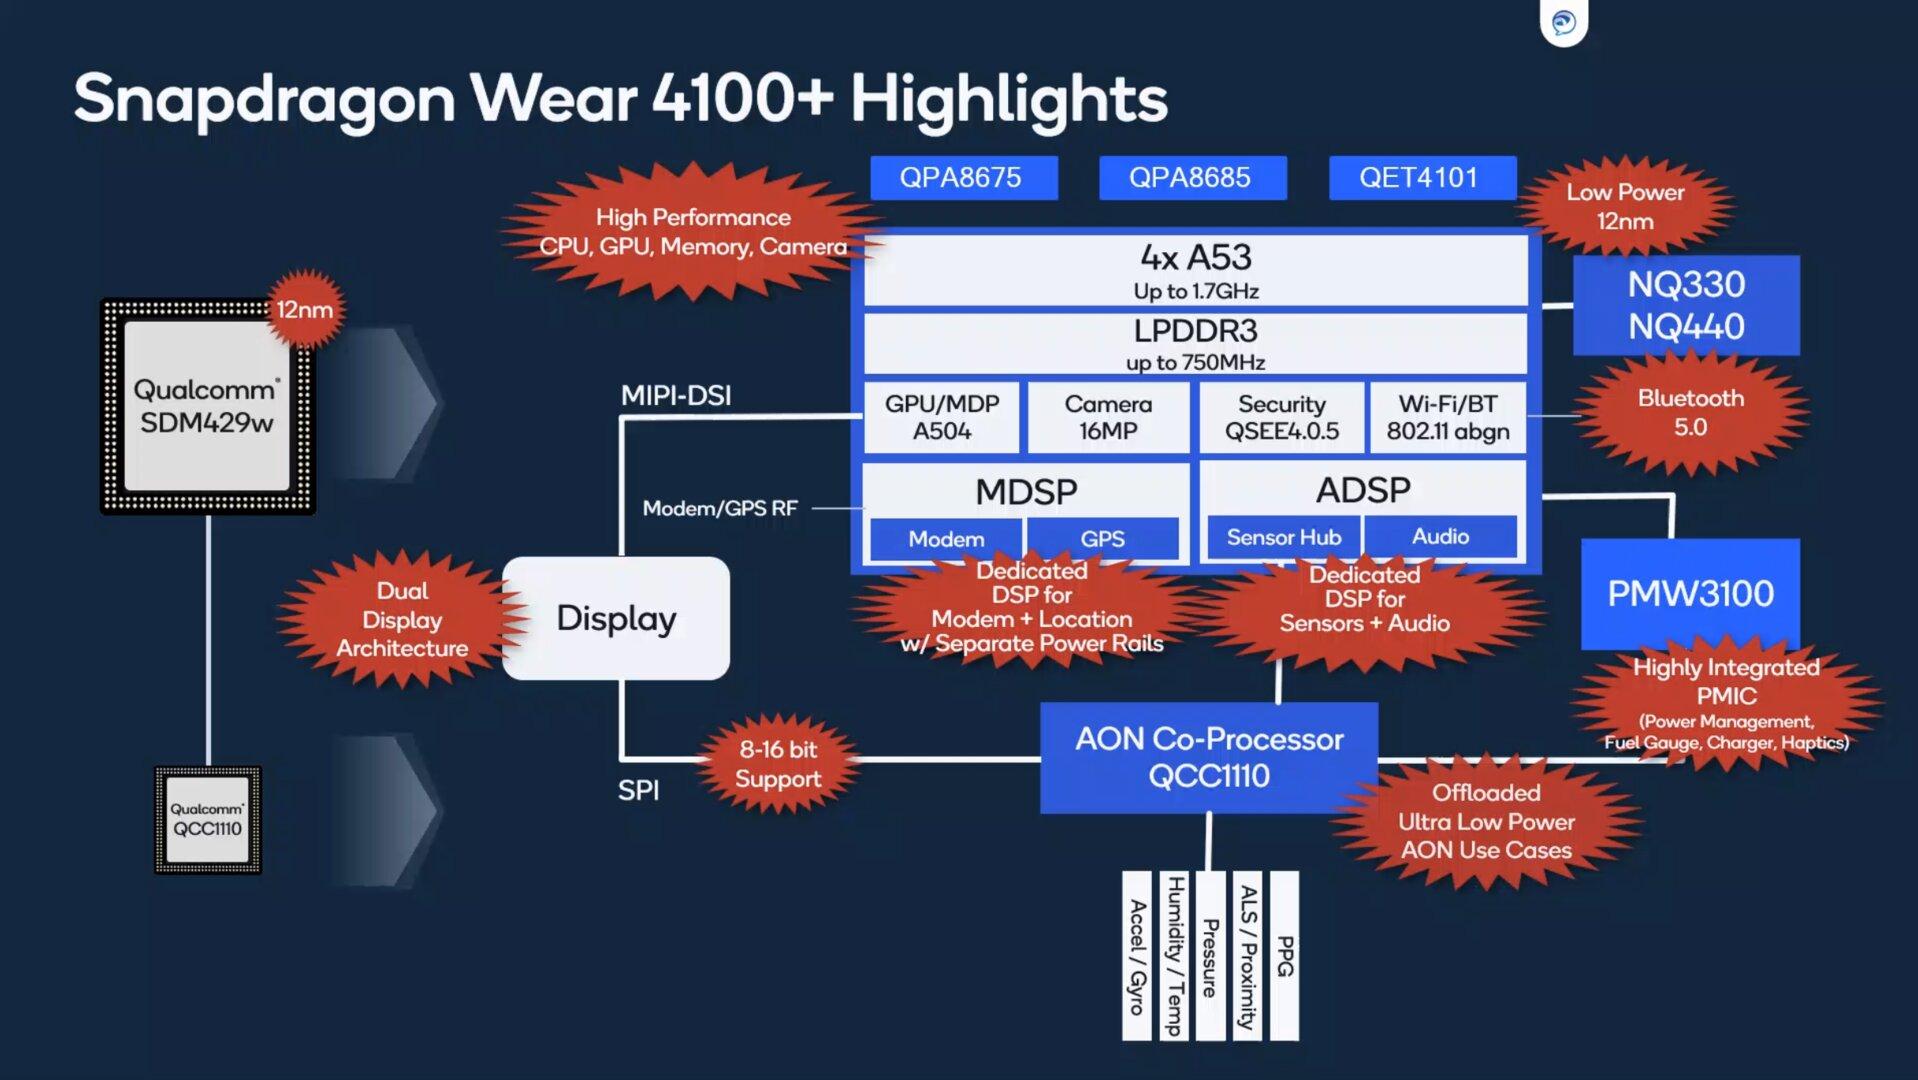 Qualcomm Snapdragon Wear 4000/4100+